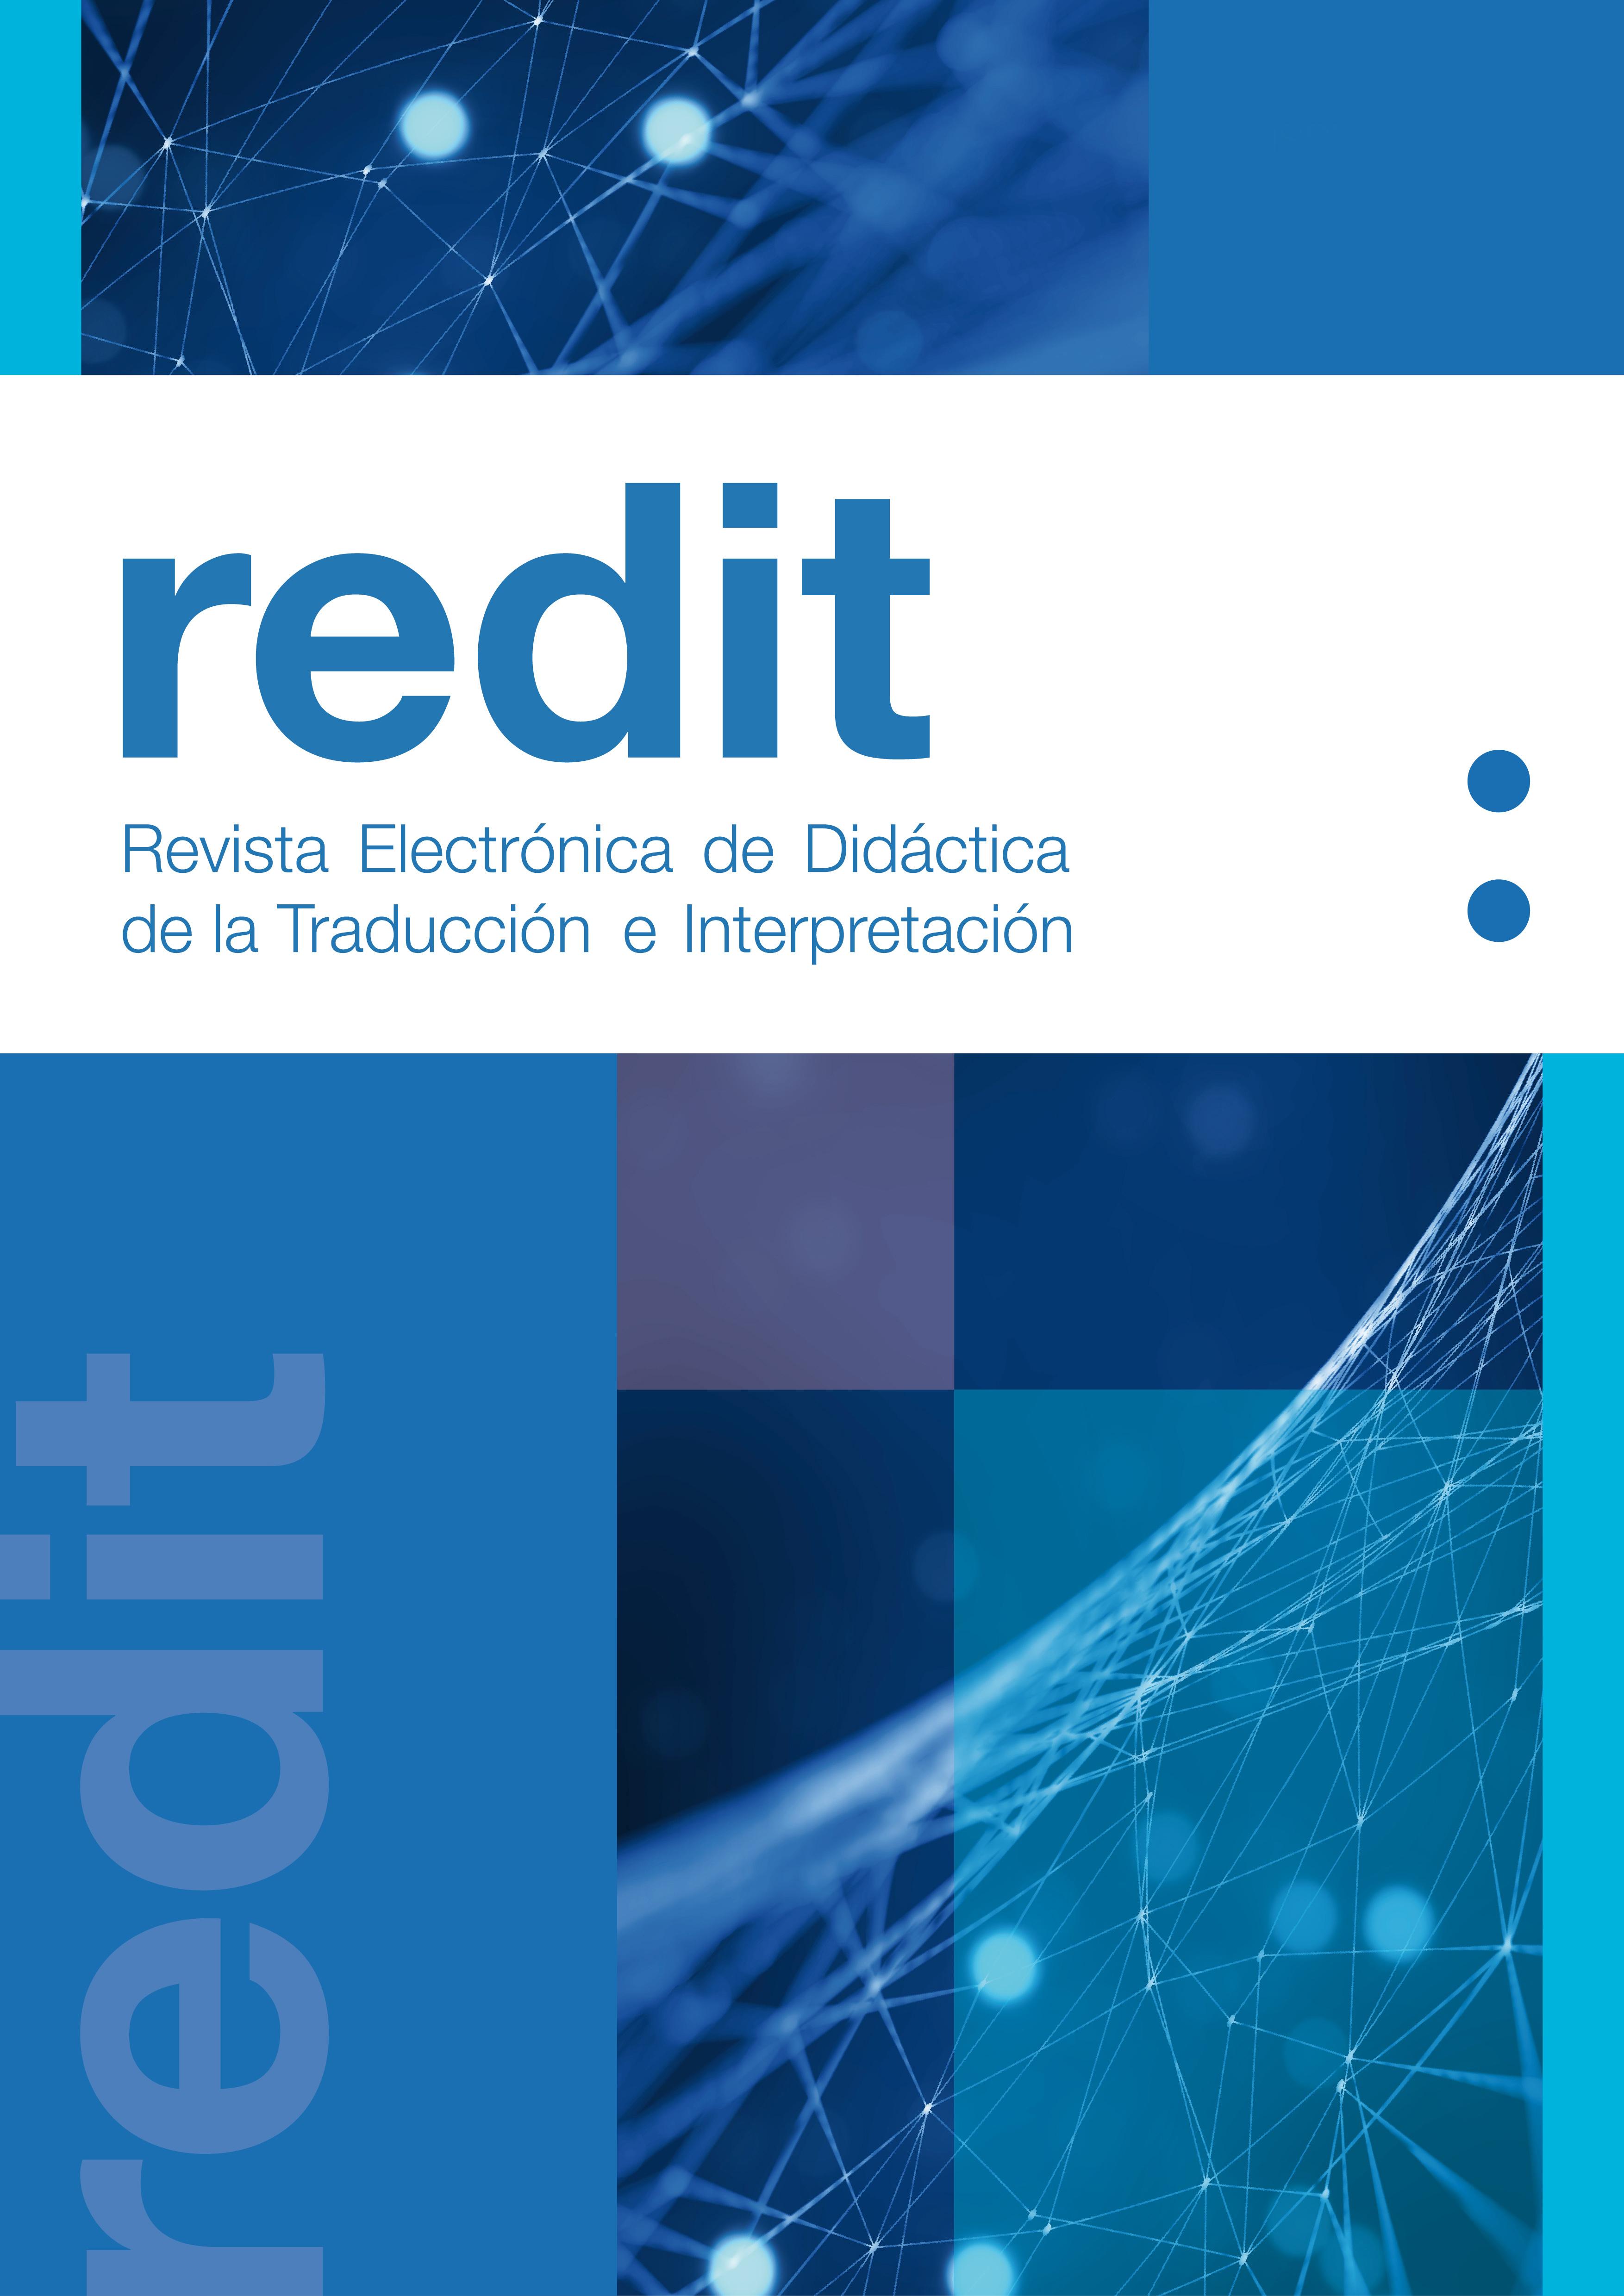 redit - Revista Electrónica de Didáctica de la Traducción y la Interpretación